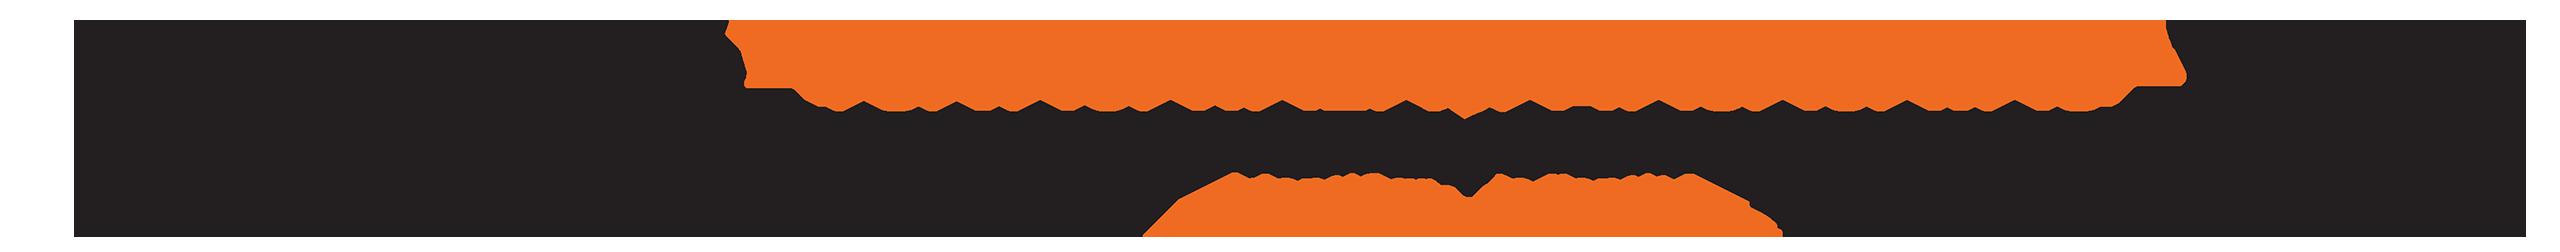 LEI Belgique - Structure d'un numéro LEI